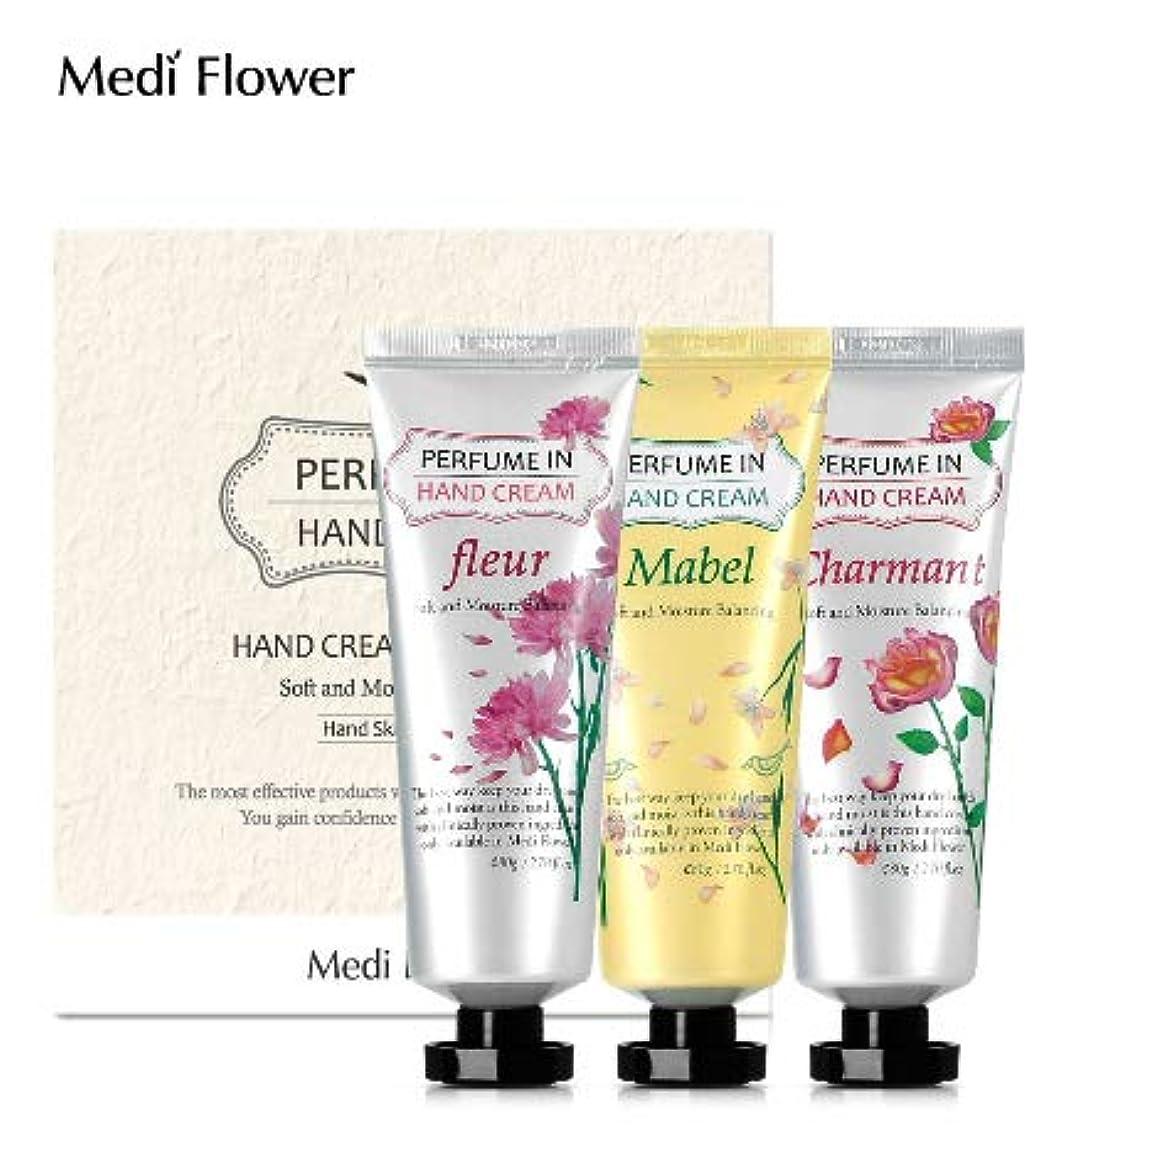 スカリー鷹民間人[MediFlower] パフュームインハンドクリーム?スペシャルセット 80g x 3個セット / Perfume Hand Cream Specail Set